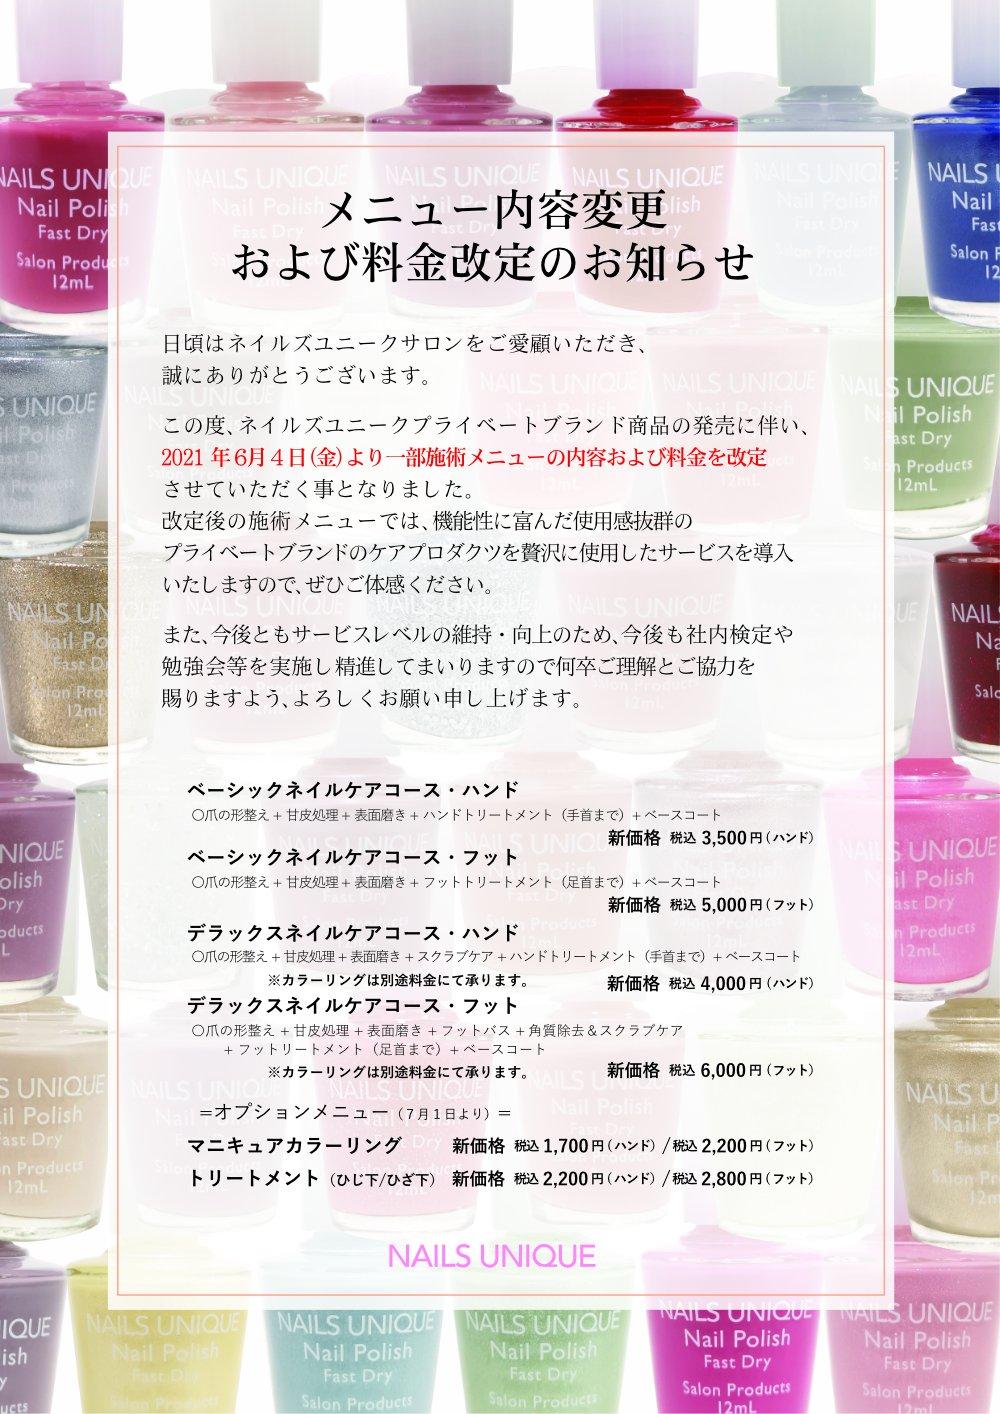 【先行店舗用】価格改定のお知らせPB-UNIQUE.jpg